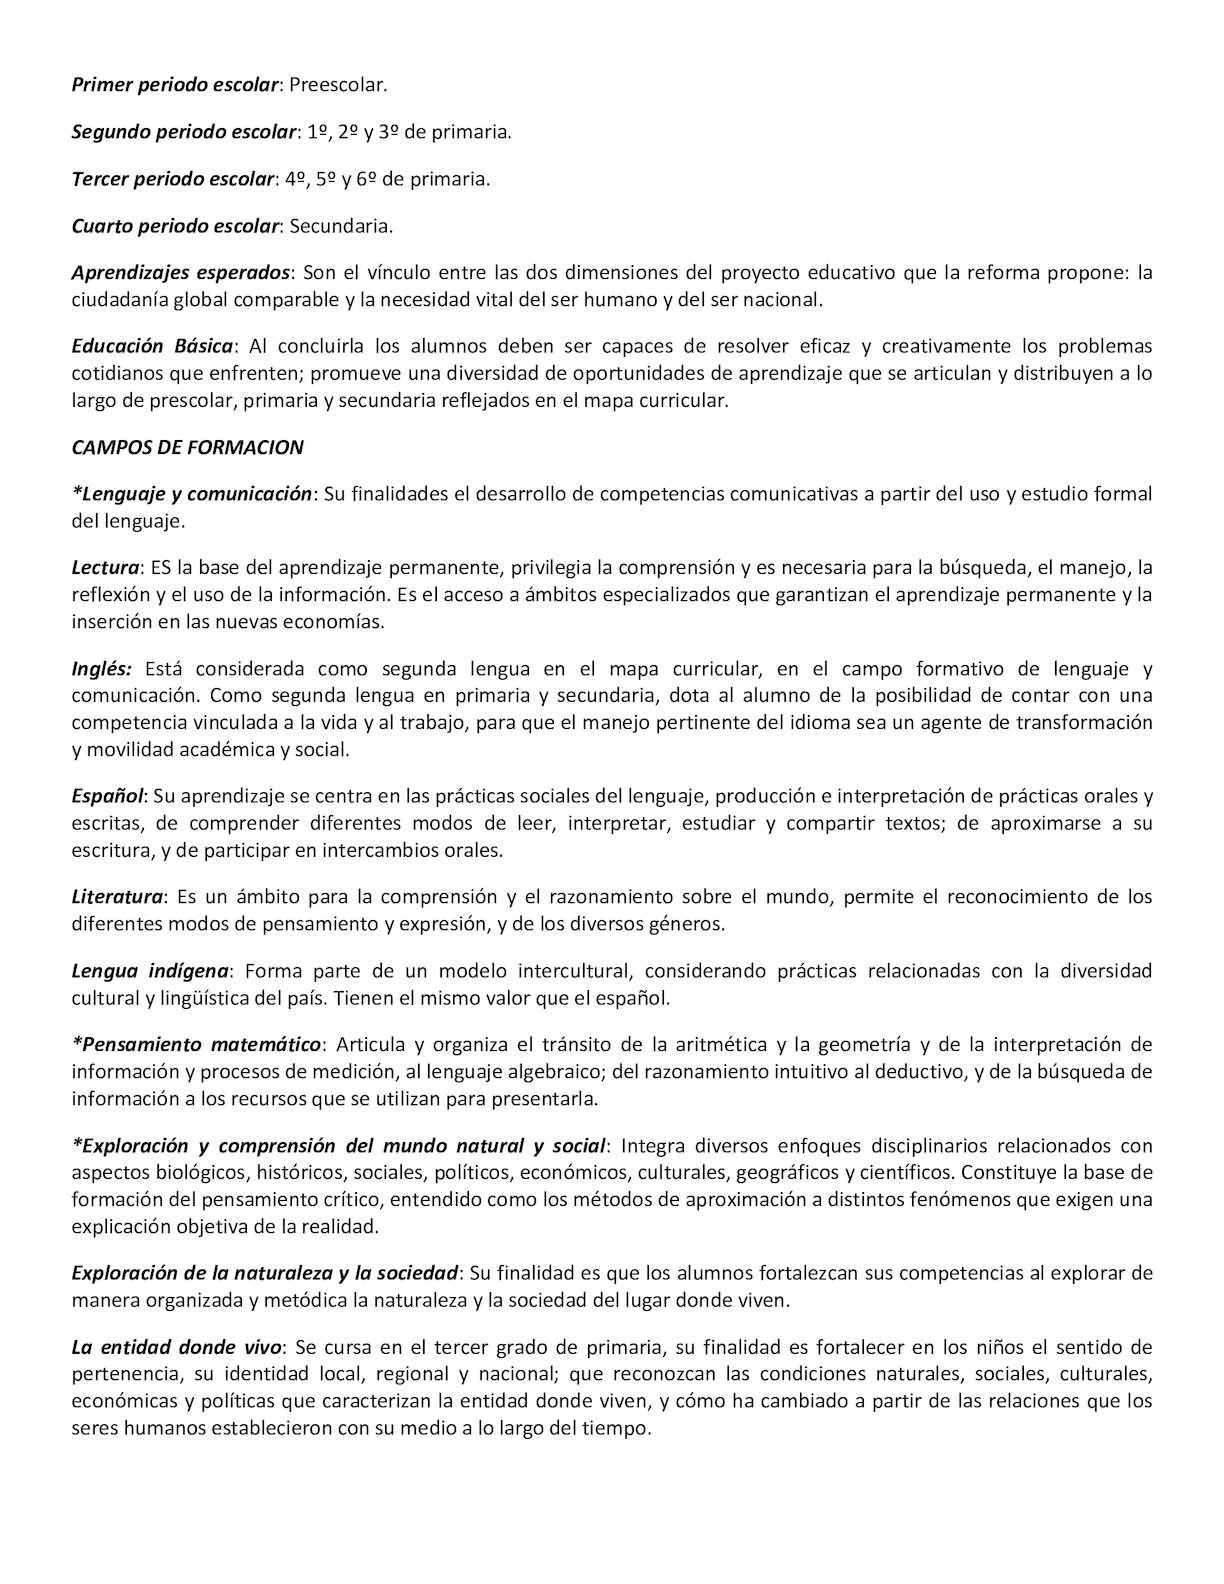 Acordeon Evaluación Docente - CALAMEO Downloader